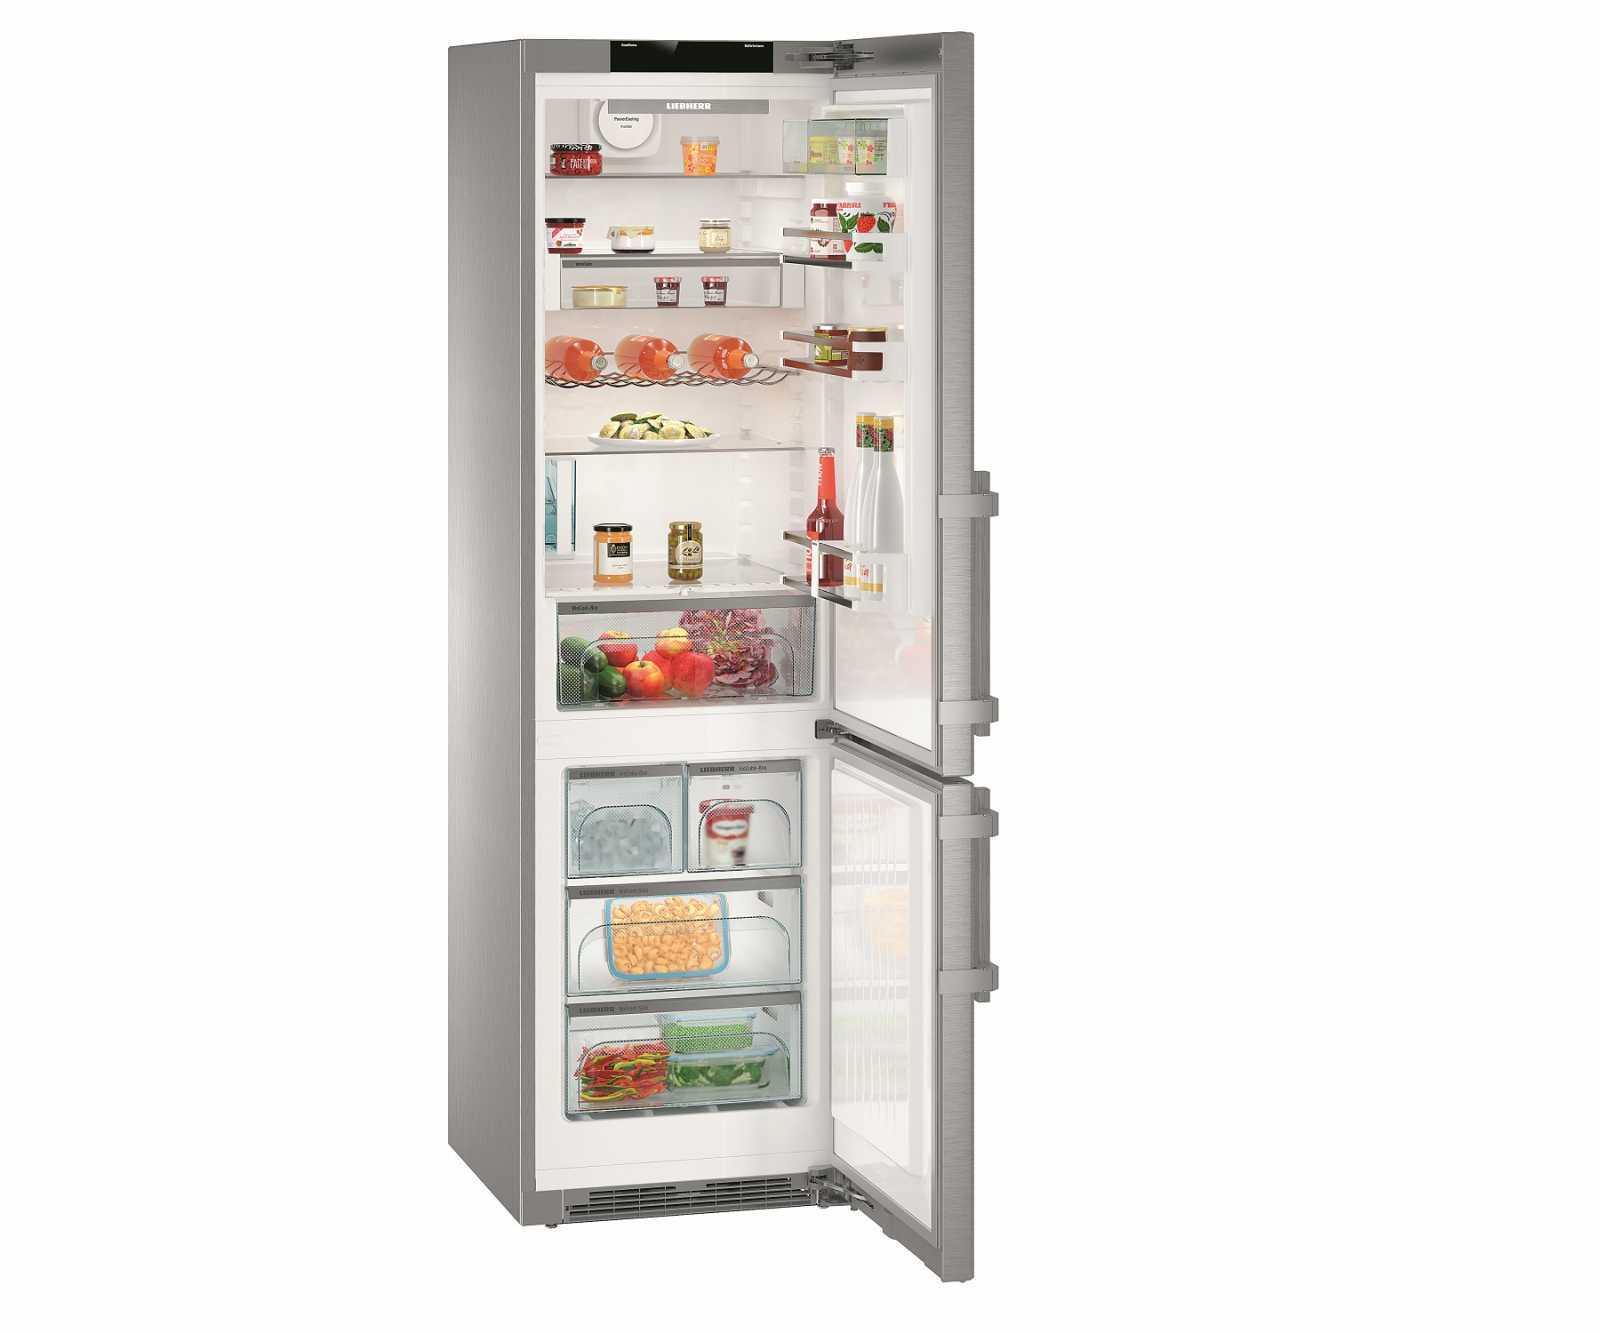 купить Двухкамерный холодильник Liebherr CNPes 4868 Украина фото 5